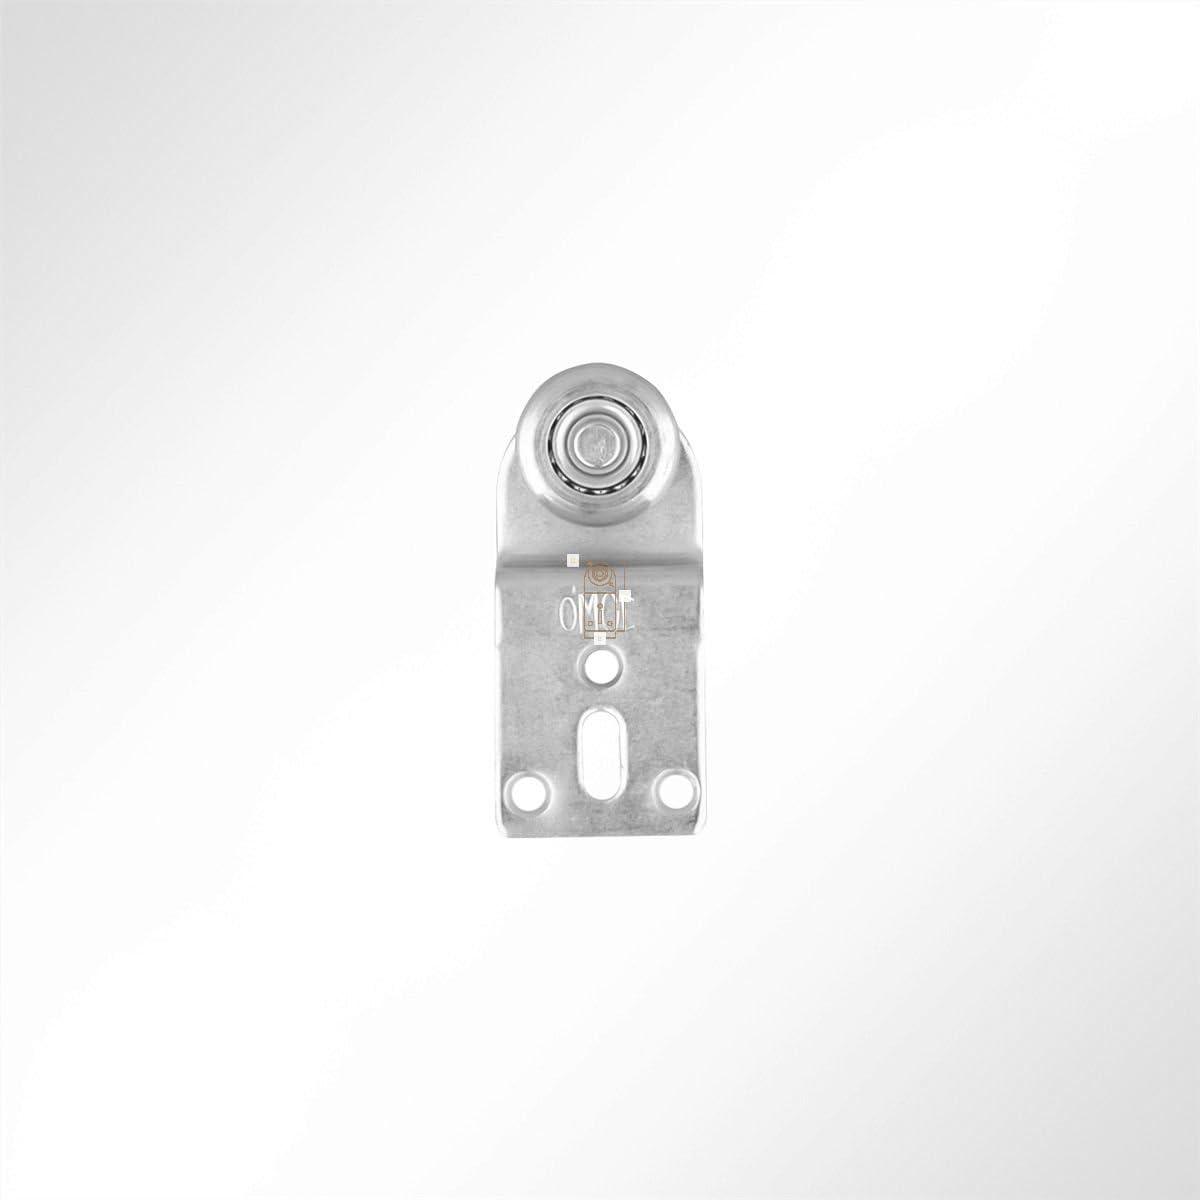 LYSEL Laufrolle F/ührungsrollen Laufwagen Rollenlaufwerk mit versetzter Platte Kugellager 35 Kg Laufschiene 10 St/ück